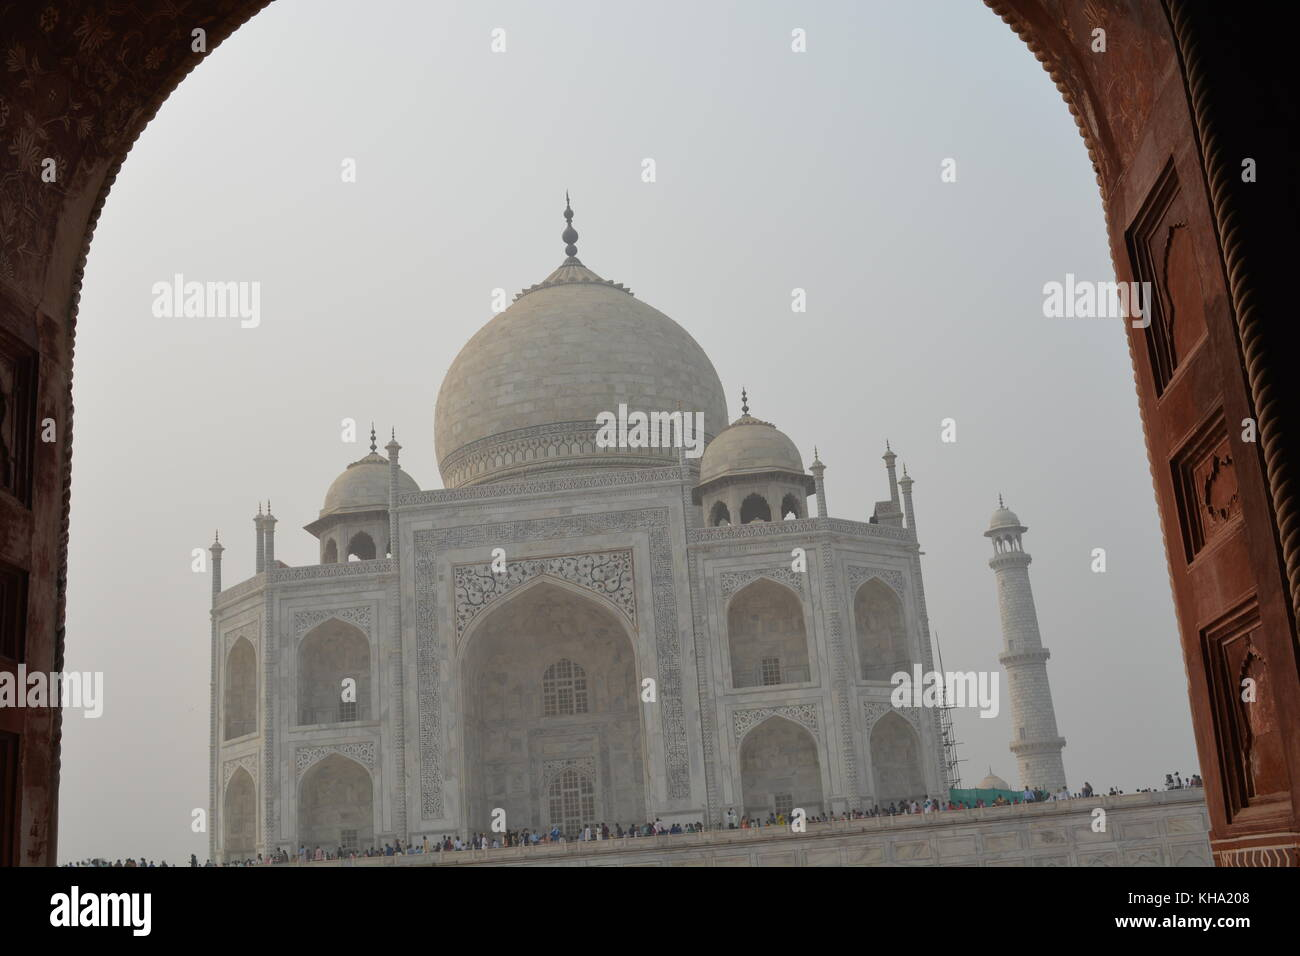 En la mañana el Taj Mahal en Agra, India ver Imagen De Stock